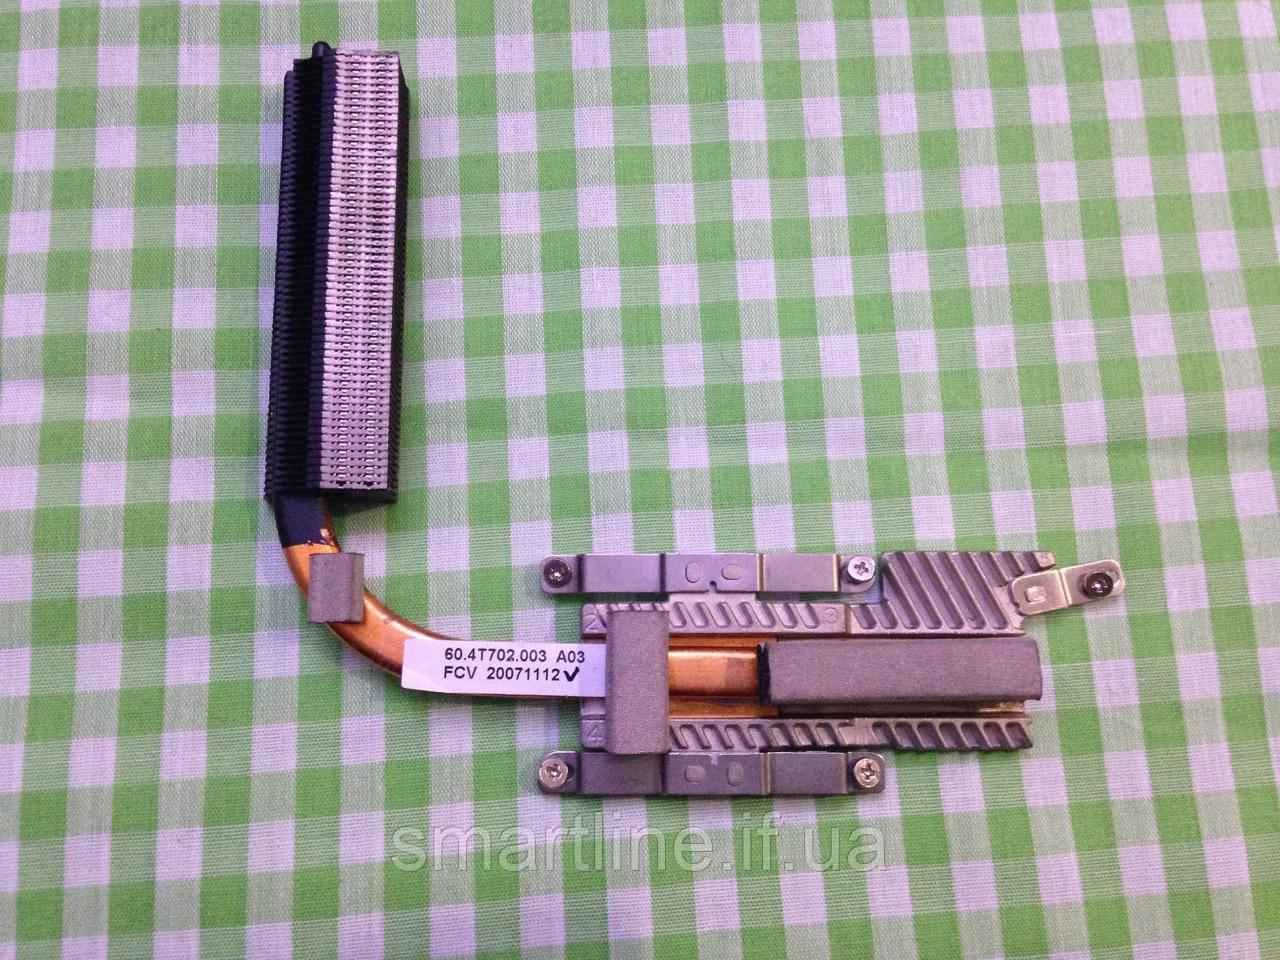 Acer Extensa 5120 5220 5420 5520 5620 AMD CPU Cooling Heatsink 60.4T70